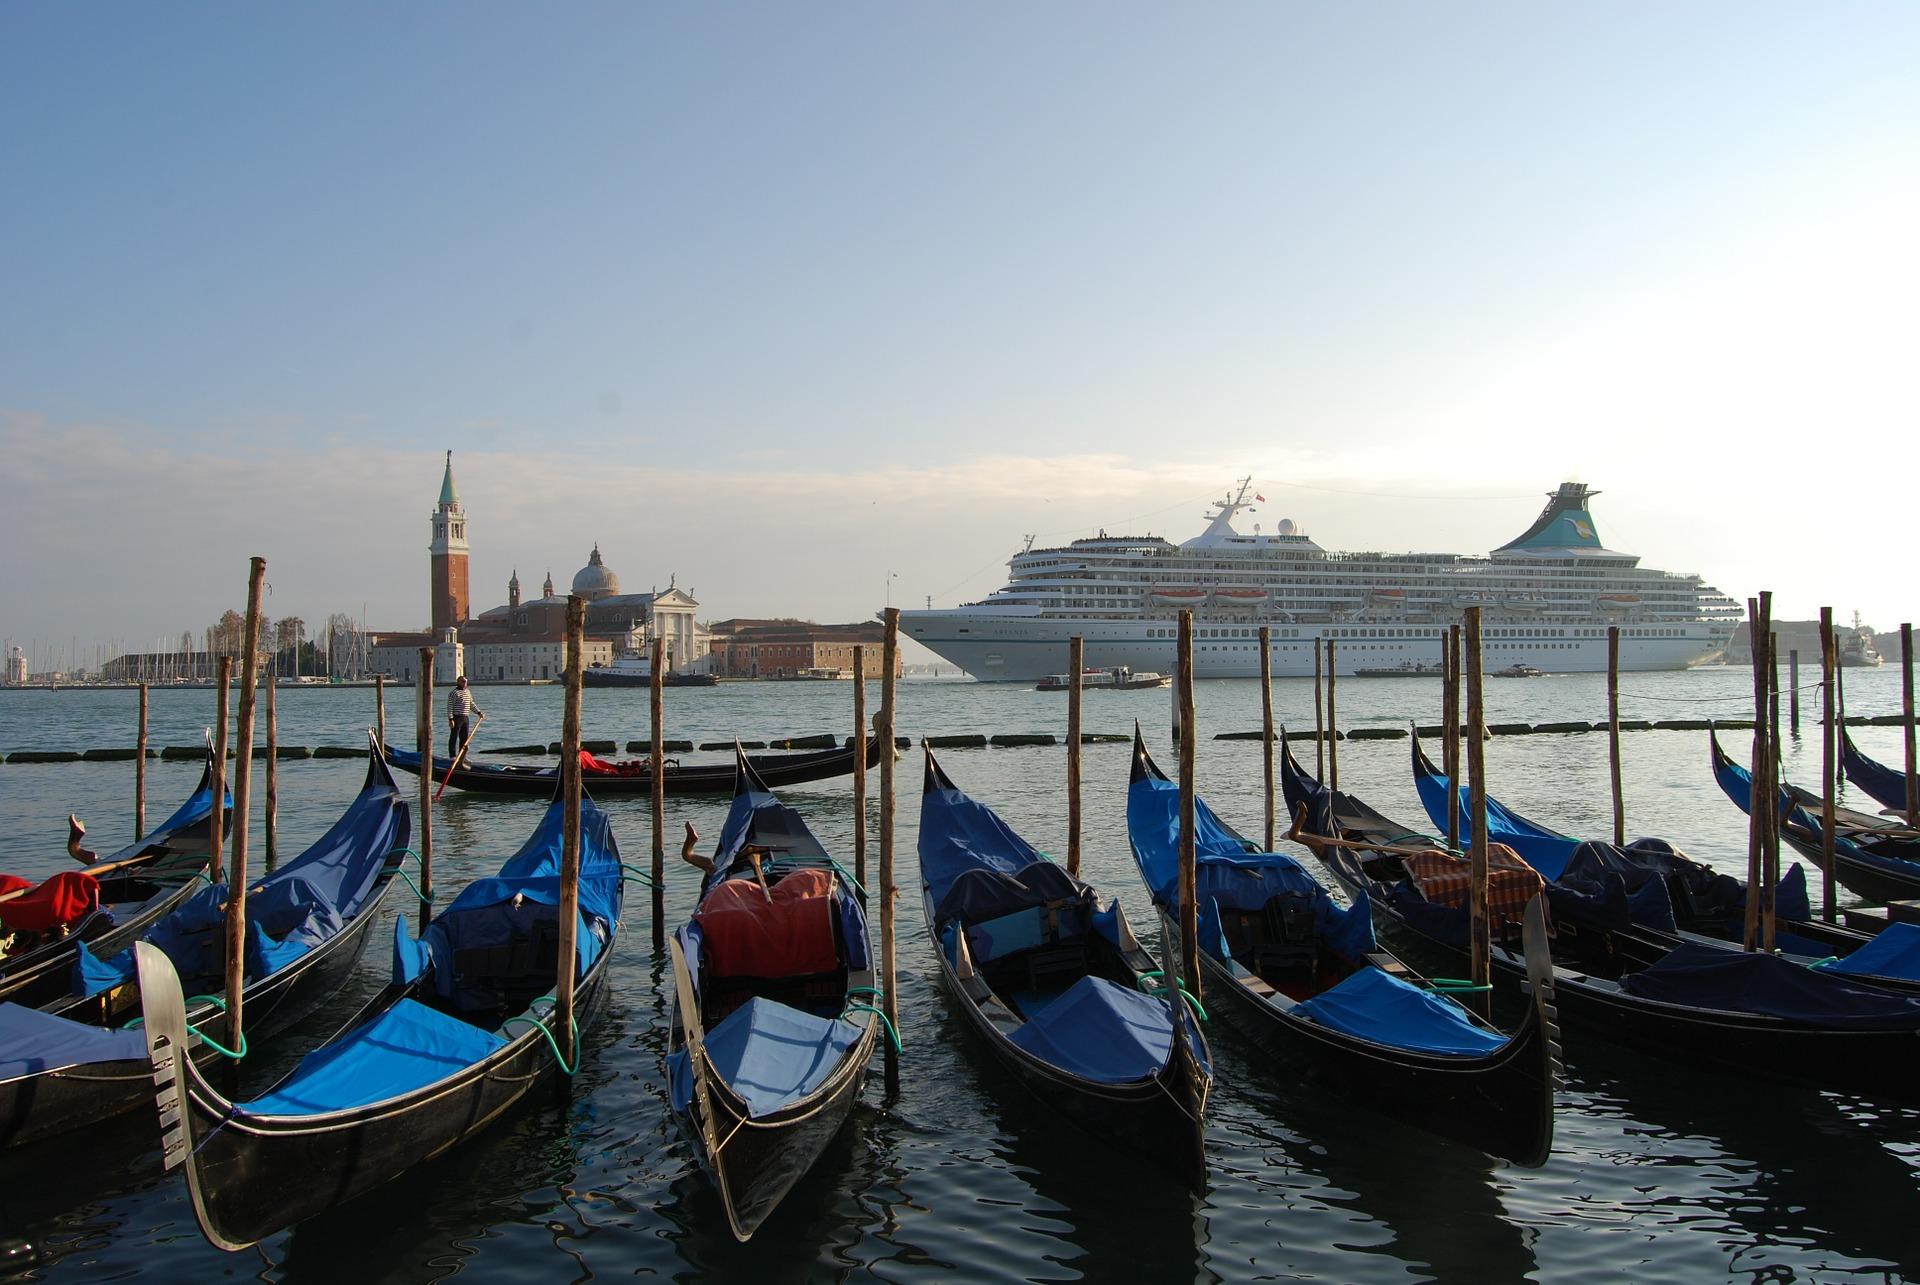 Gôndolas em Veneza com navio de cruzeiros ao fundo